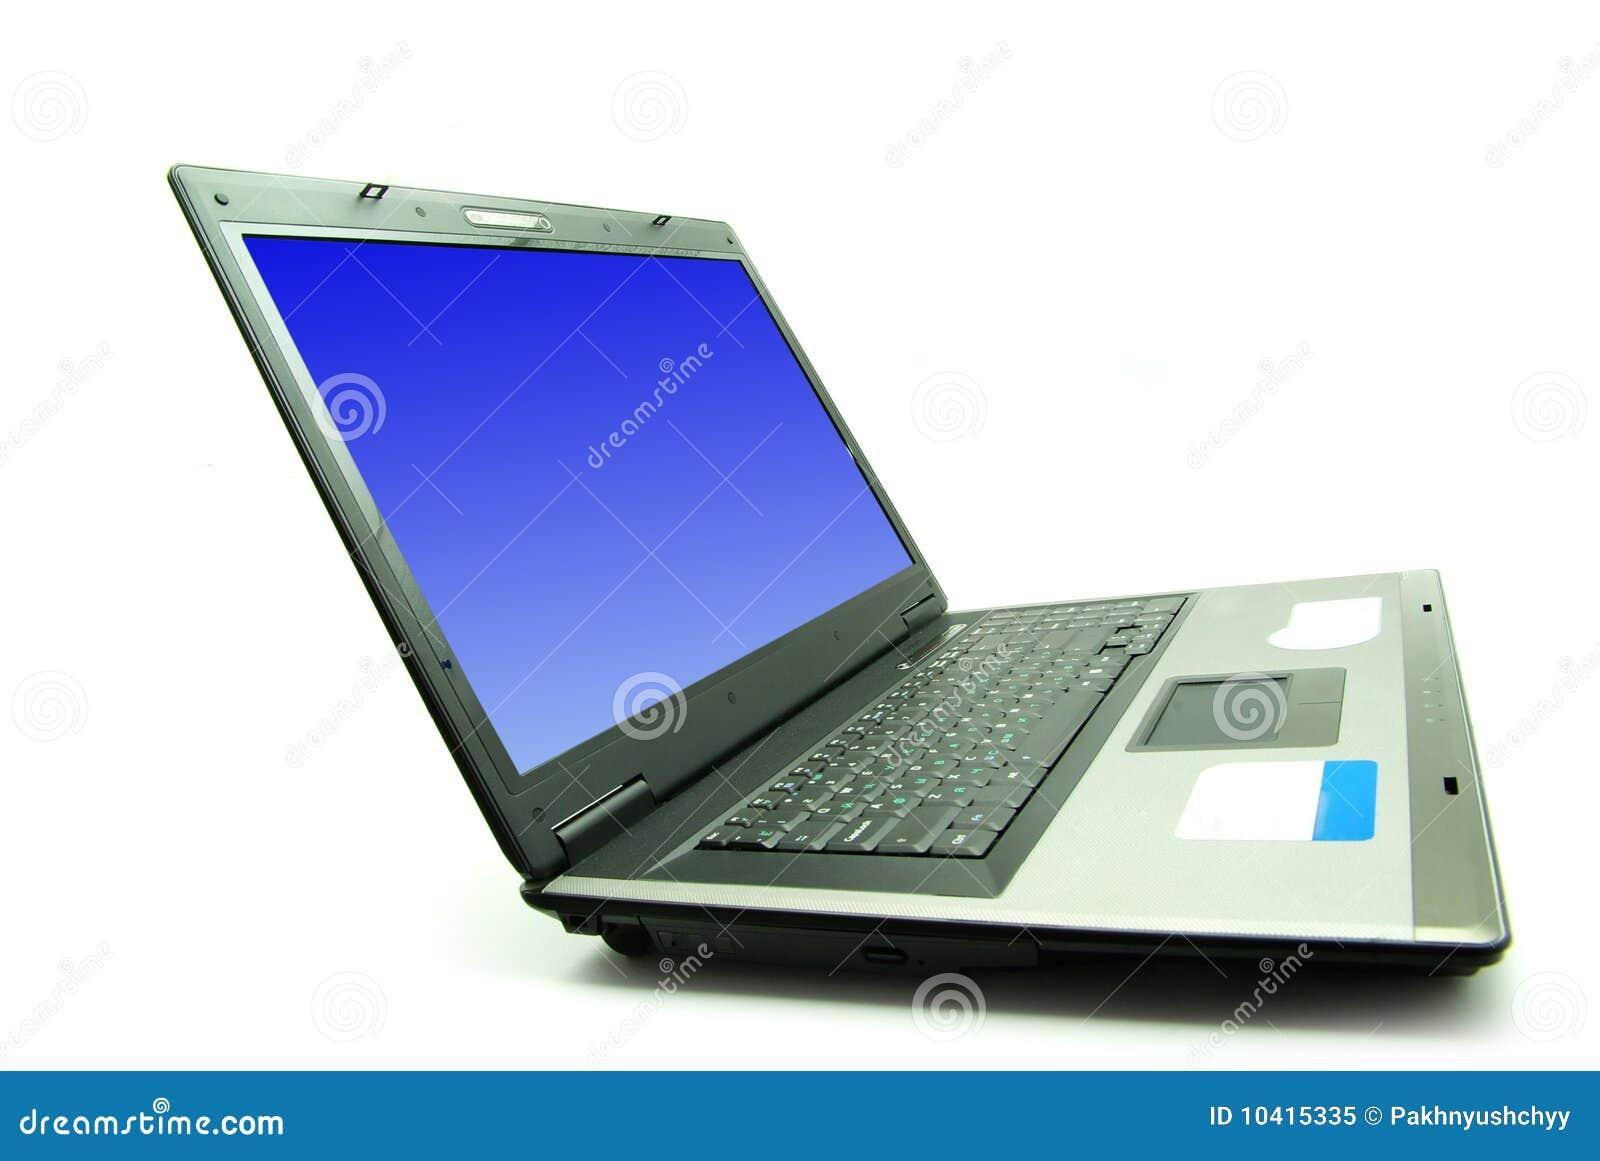 电脑_笔记本 笔记本电脑 1300_960